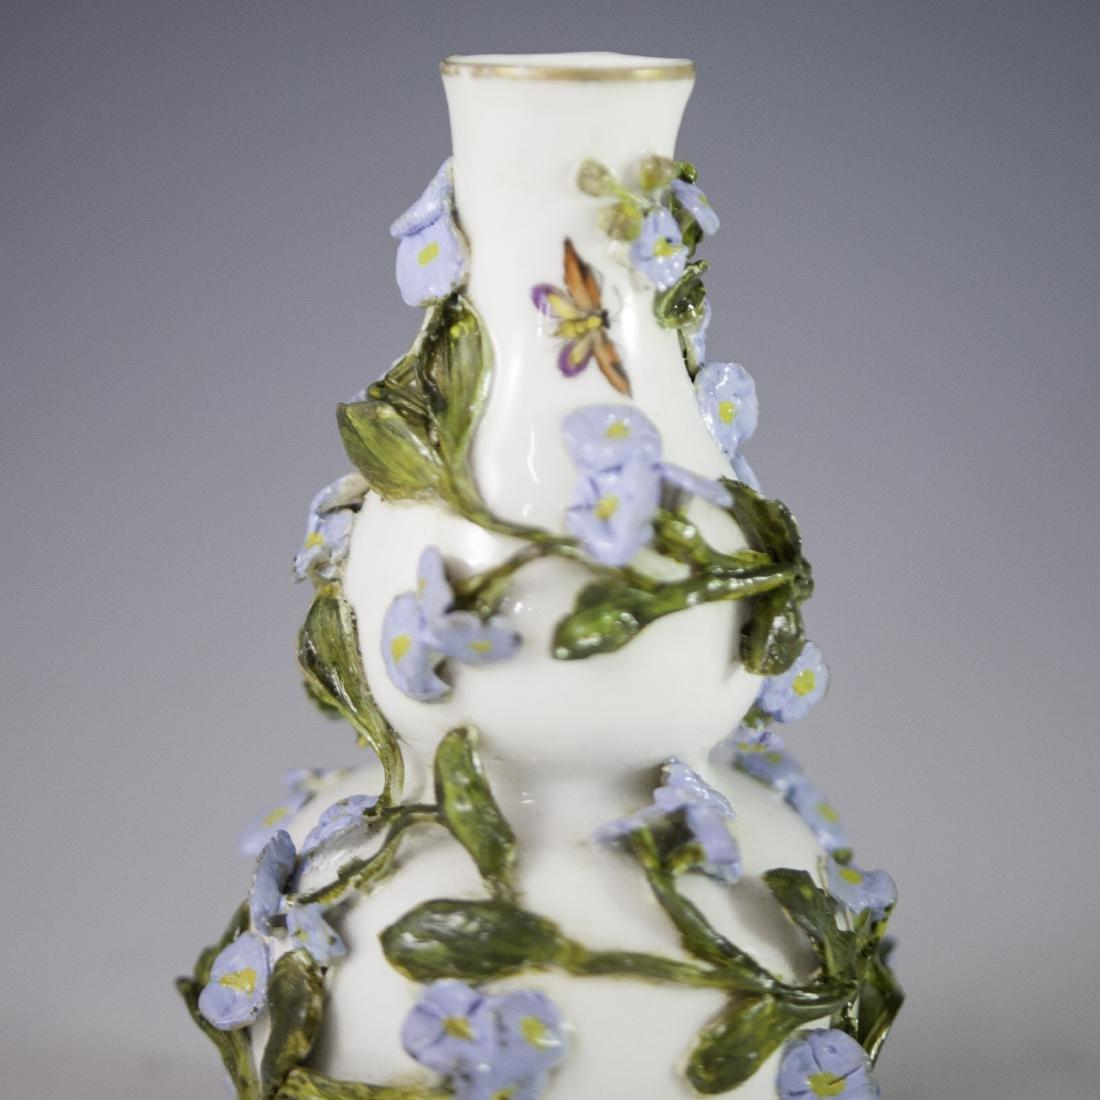 Antique Meissen Porcelain Vase - 3